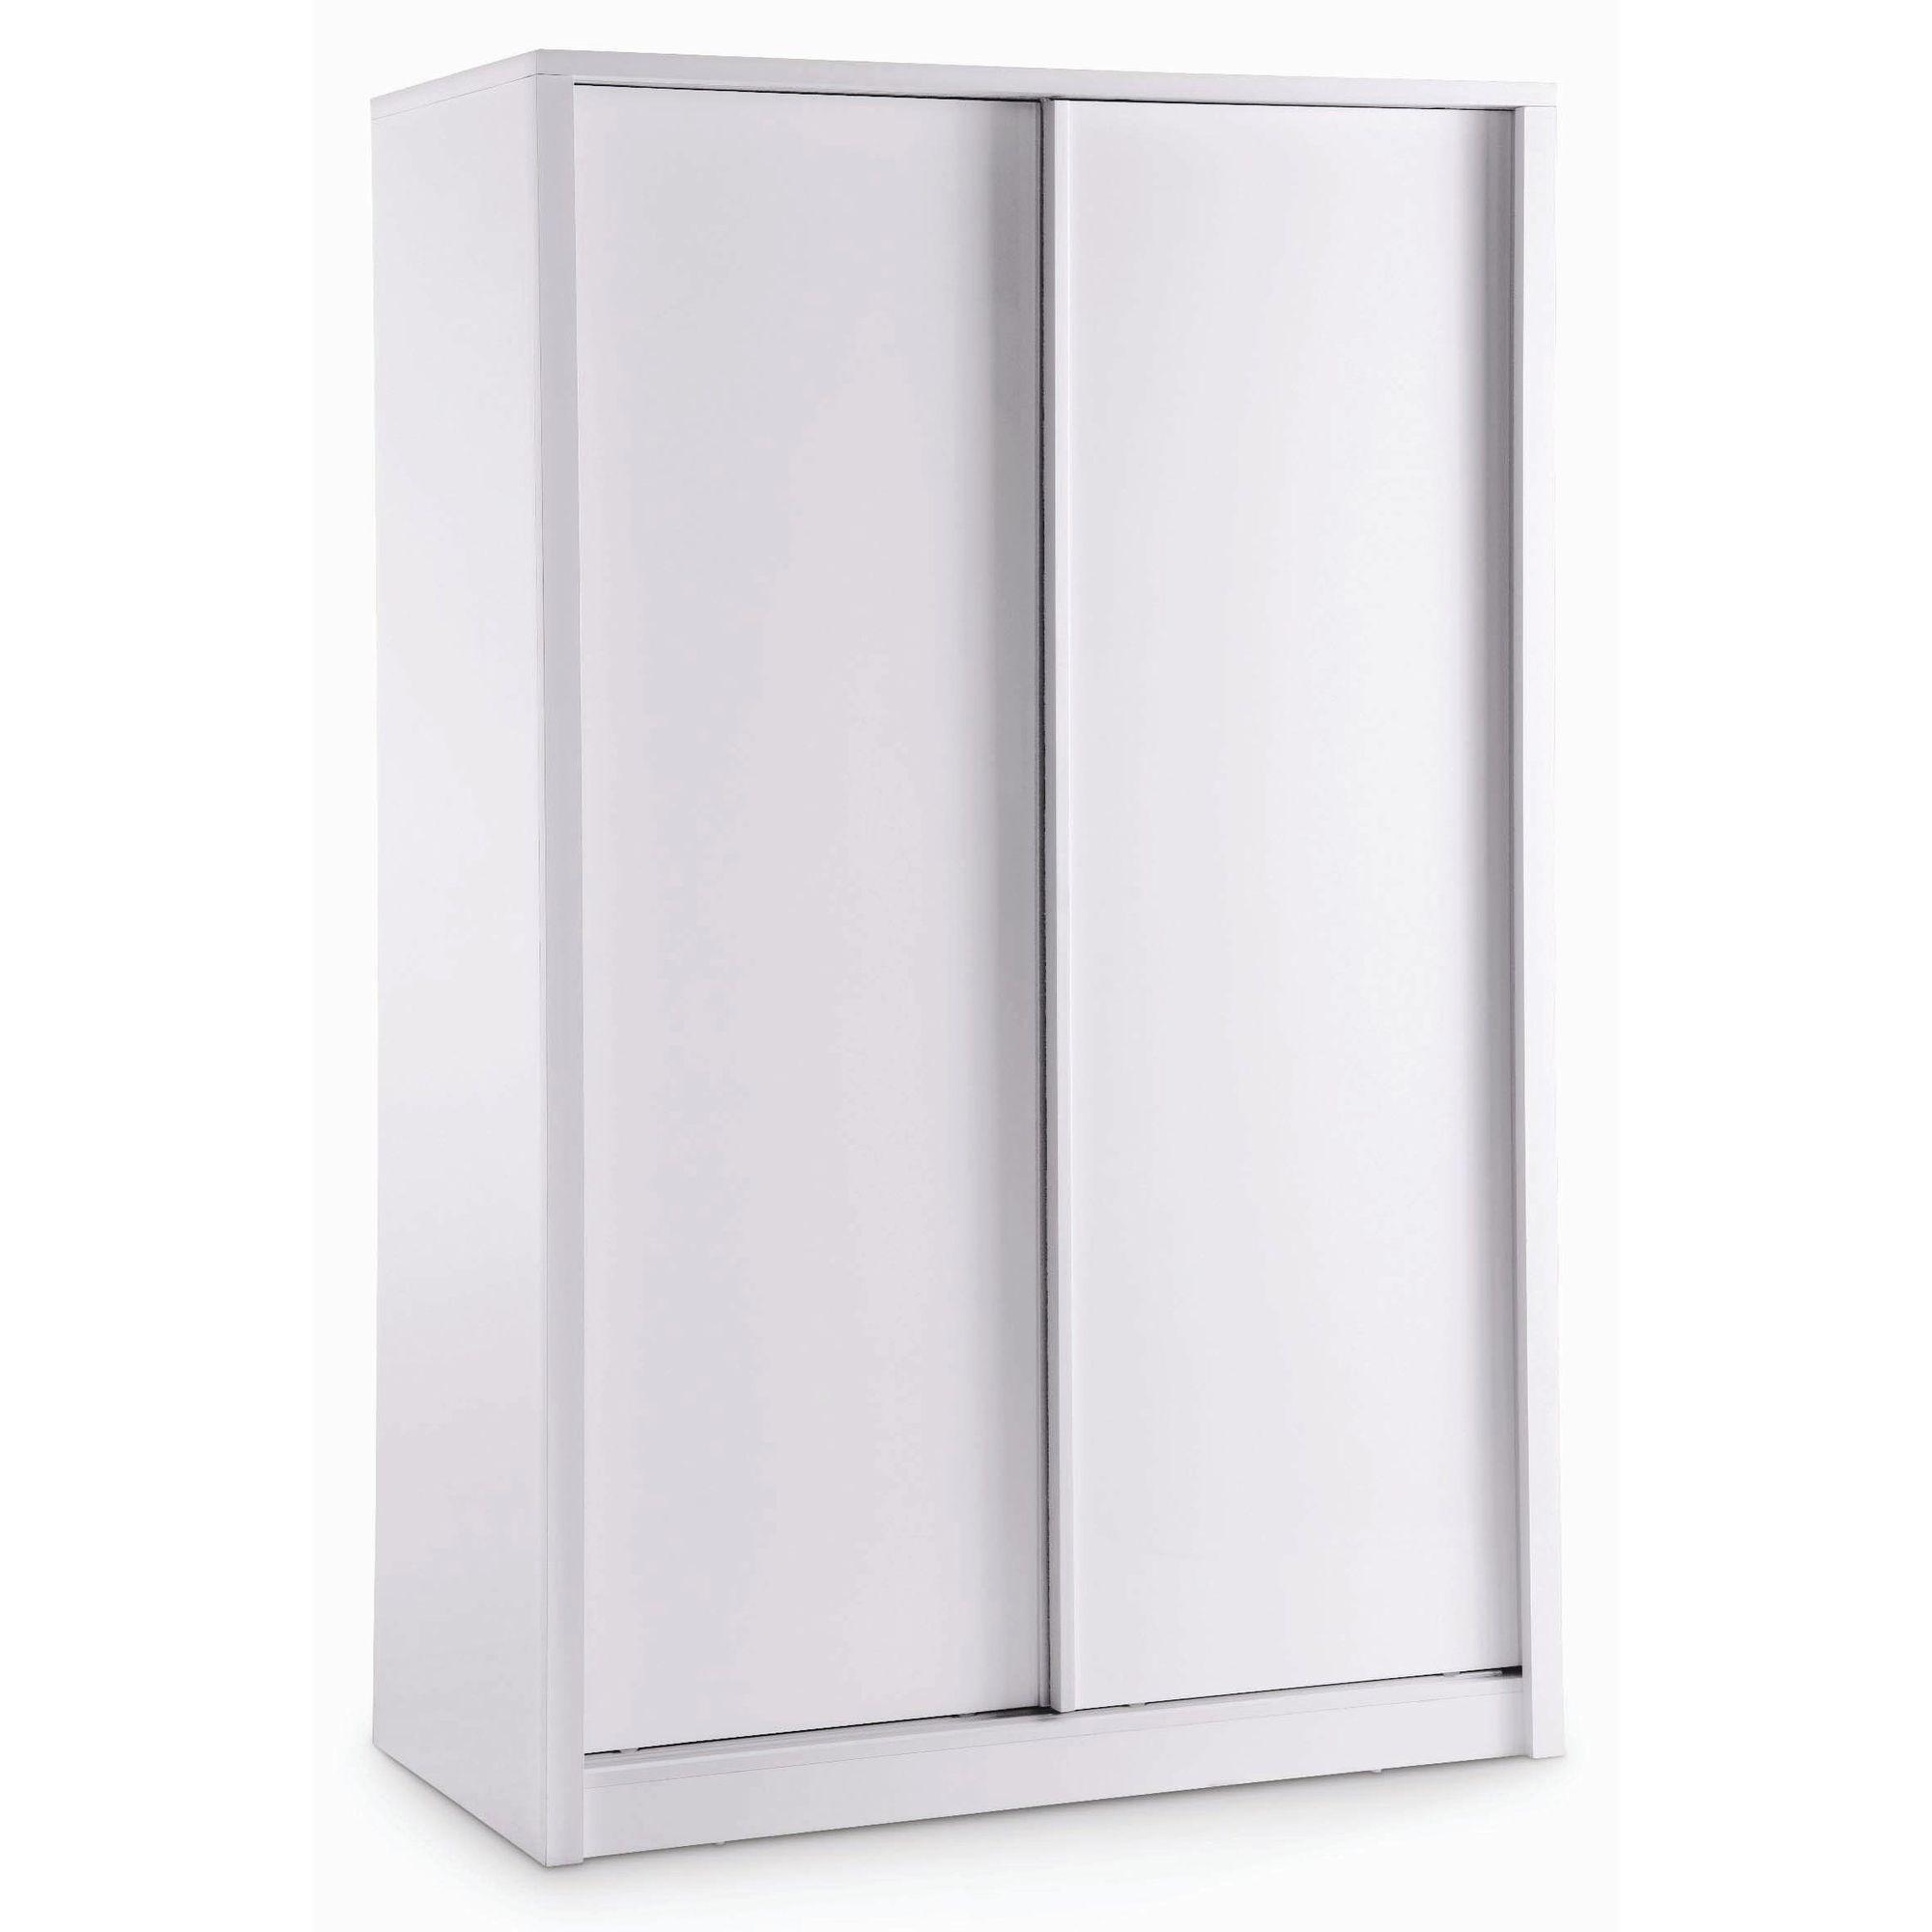 Home Zone Novello Sliding Wardrobe - White at Tesco Direct